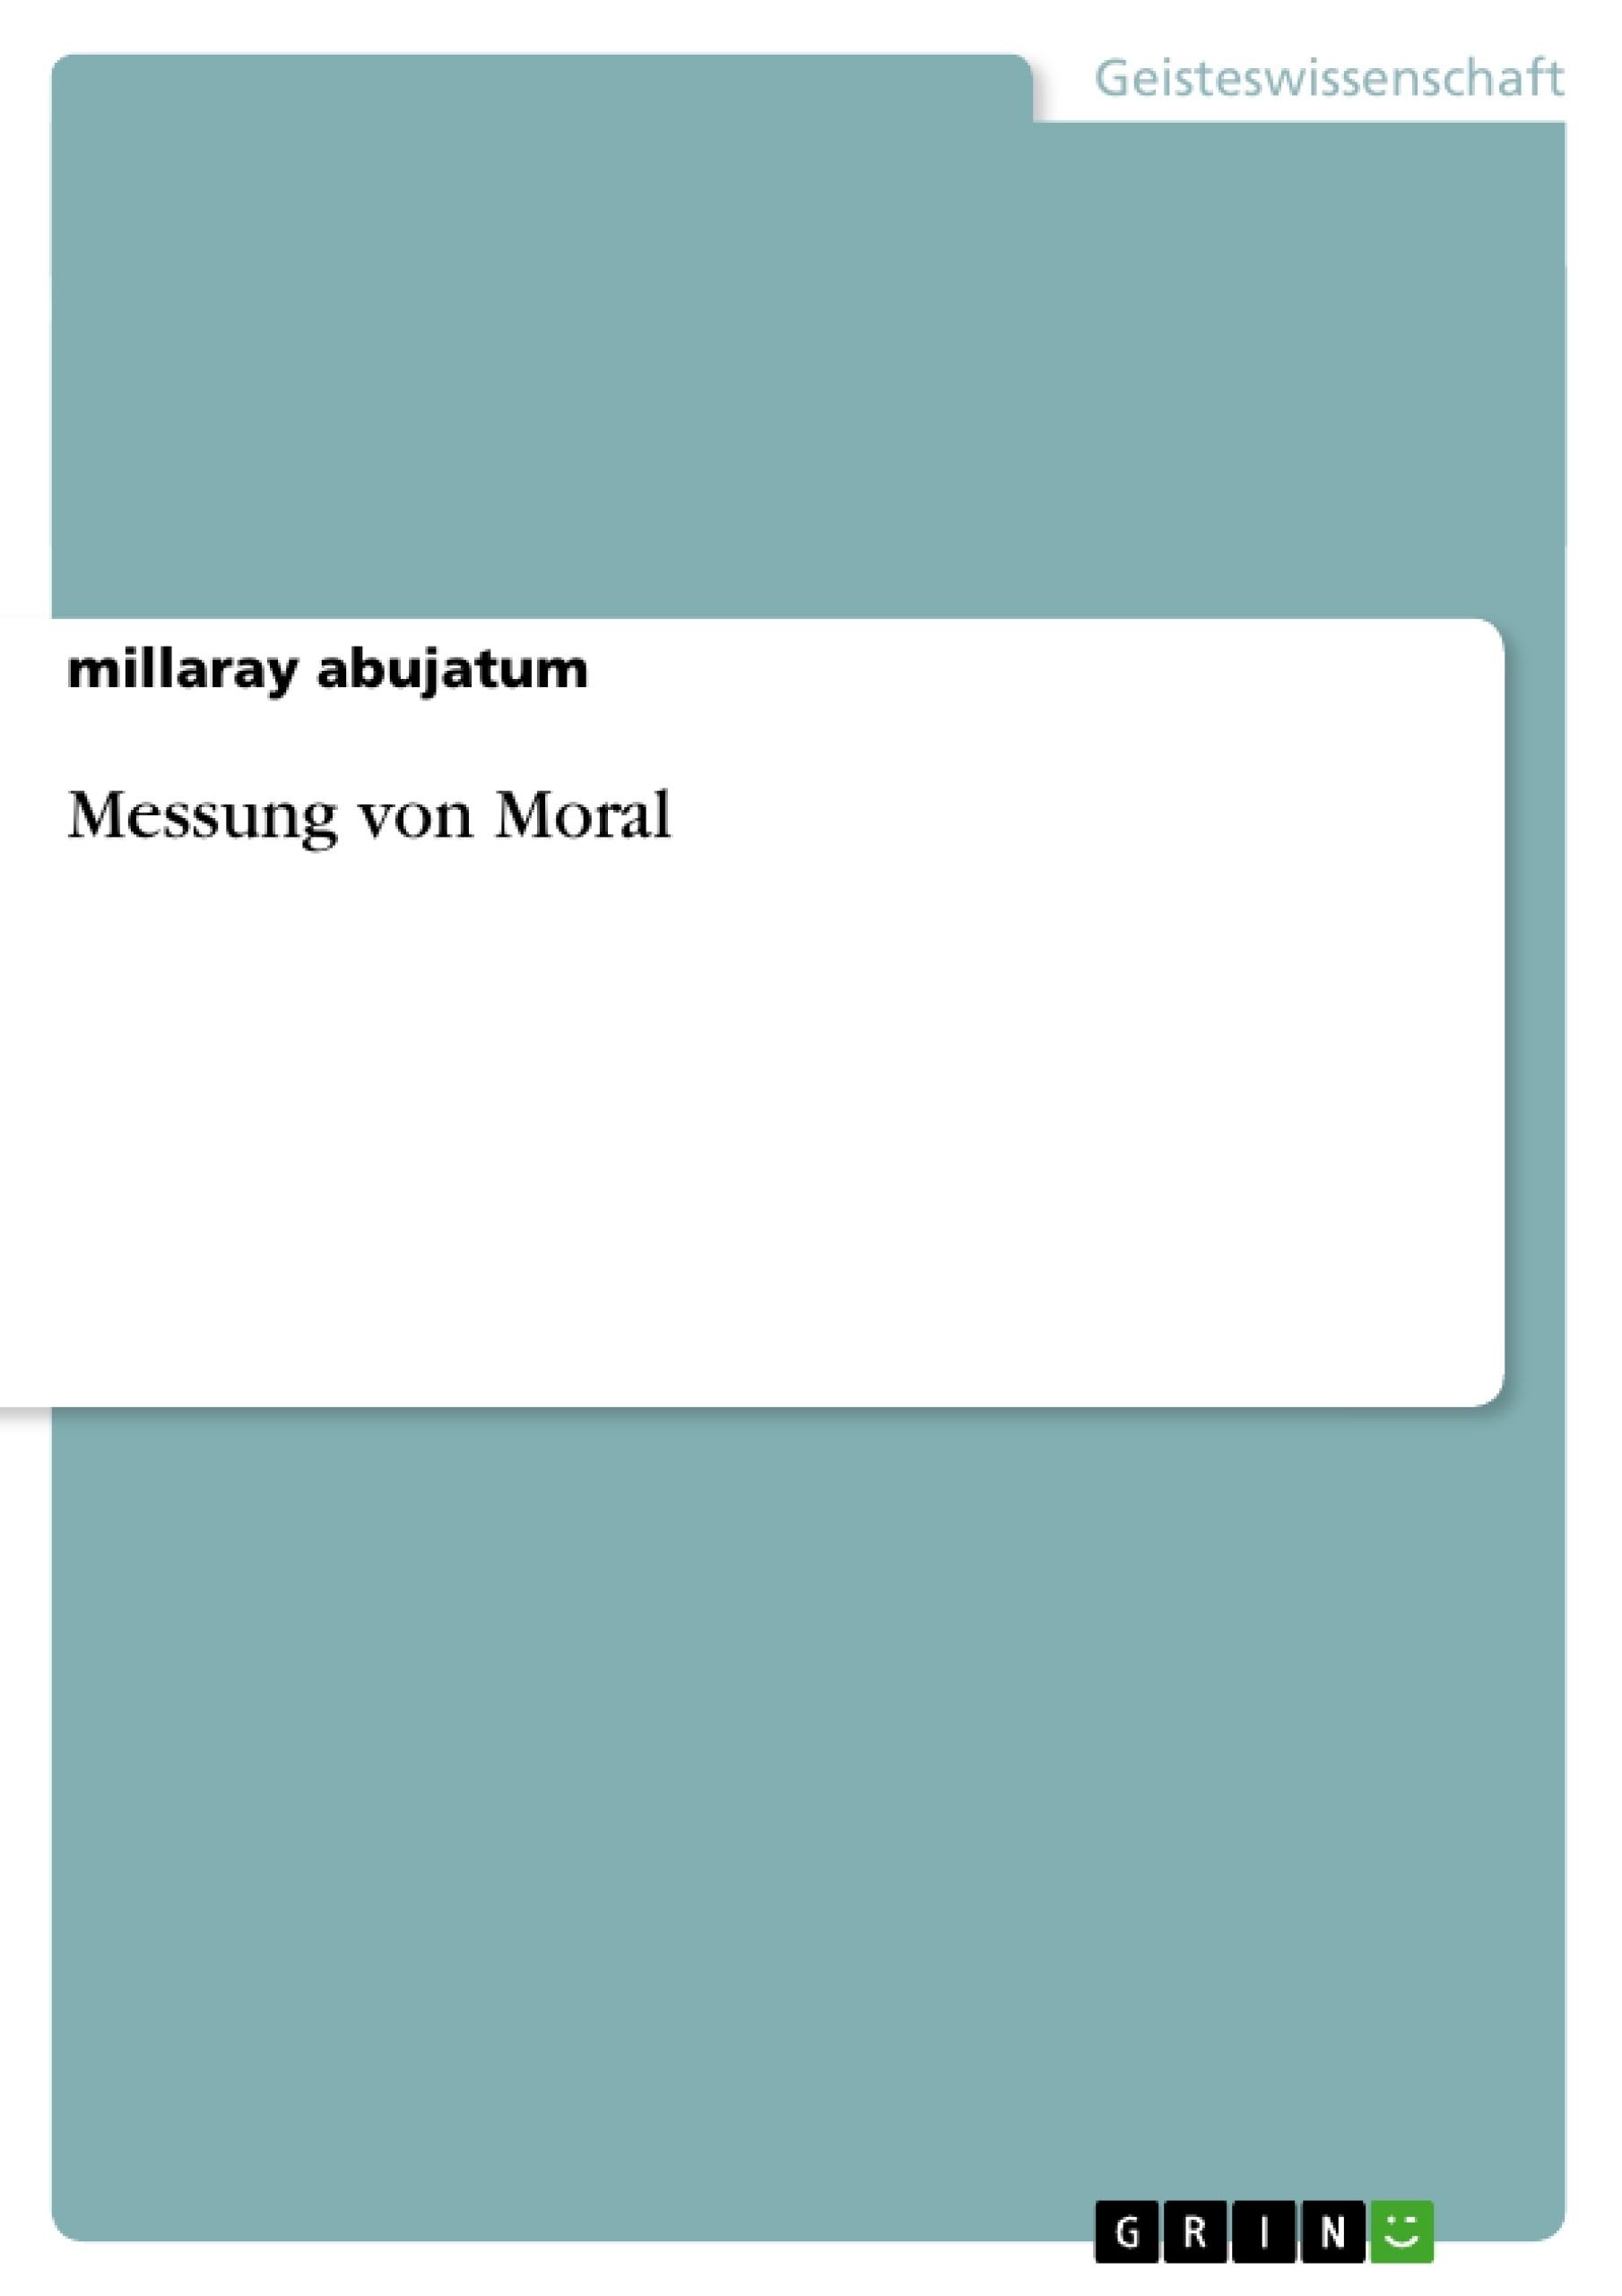 Titel: Messung von Moral